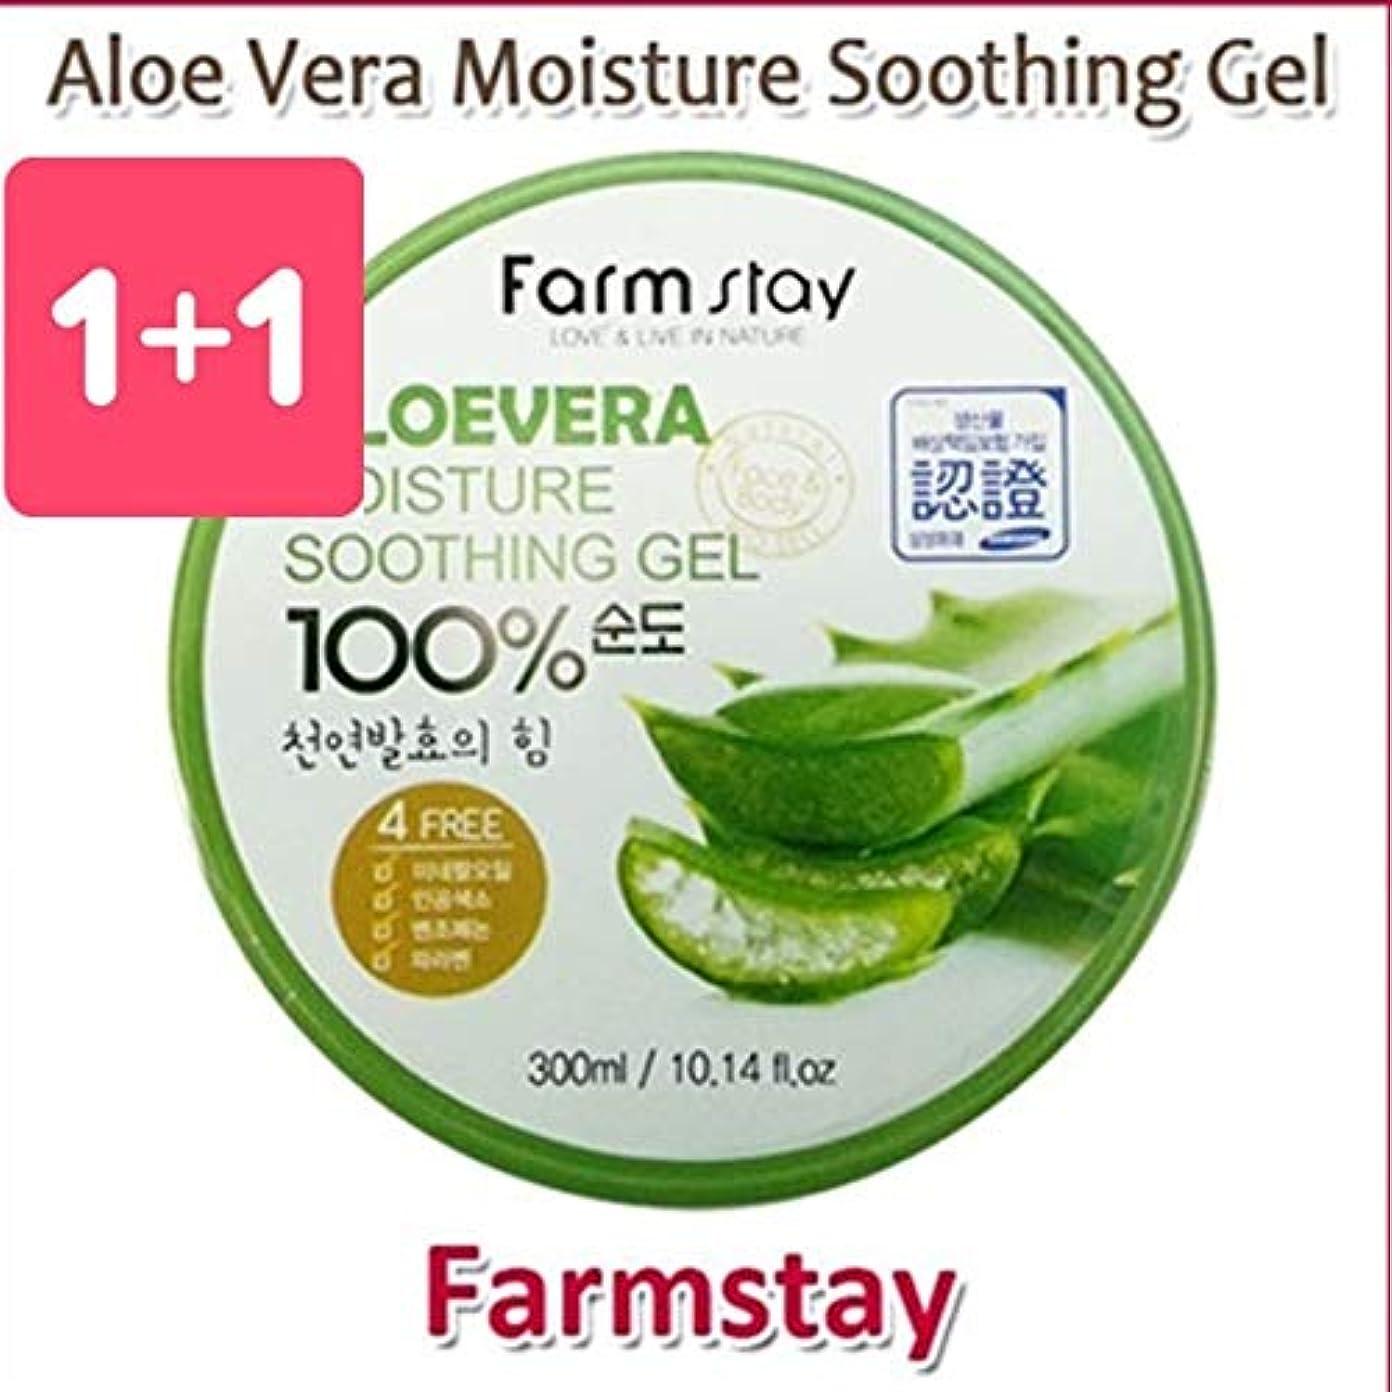 に賛成肖像画不良品Farm Stay Aloe Vera Moisture Soothing Gel 300ml 1+1 Big Sale/オーガニック アロエベラゲル 100%/保湿ケア/韓国コスメ/Aloe Vera 100% /Moisturizing...